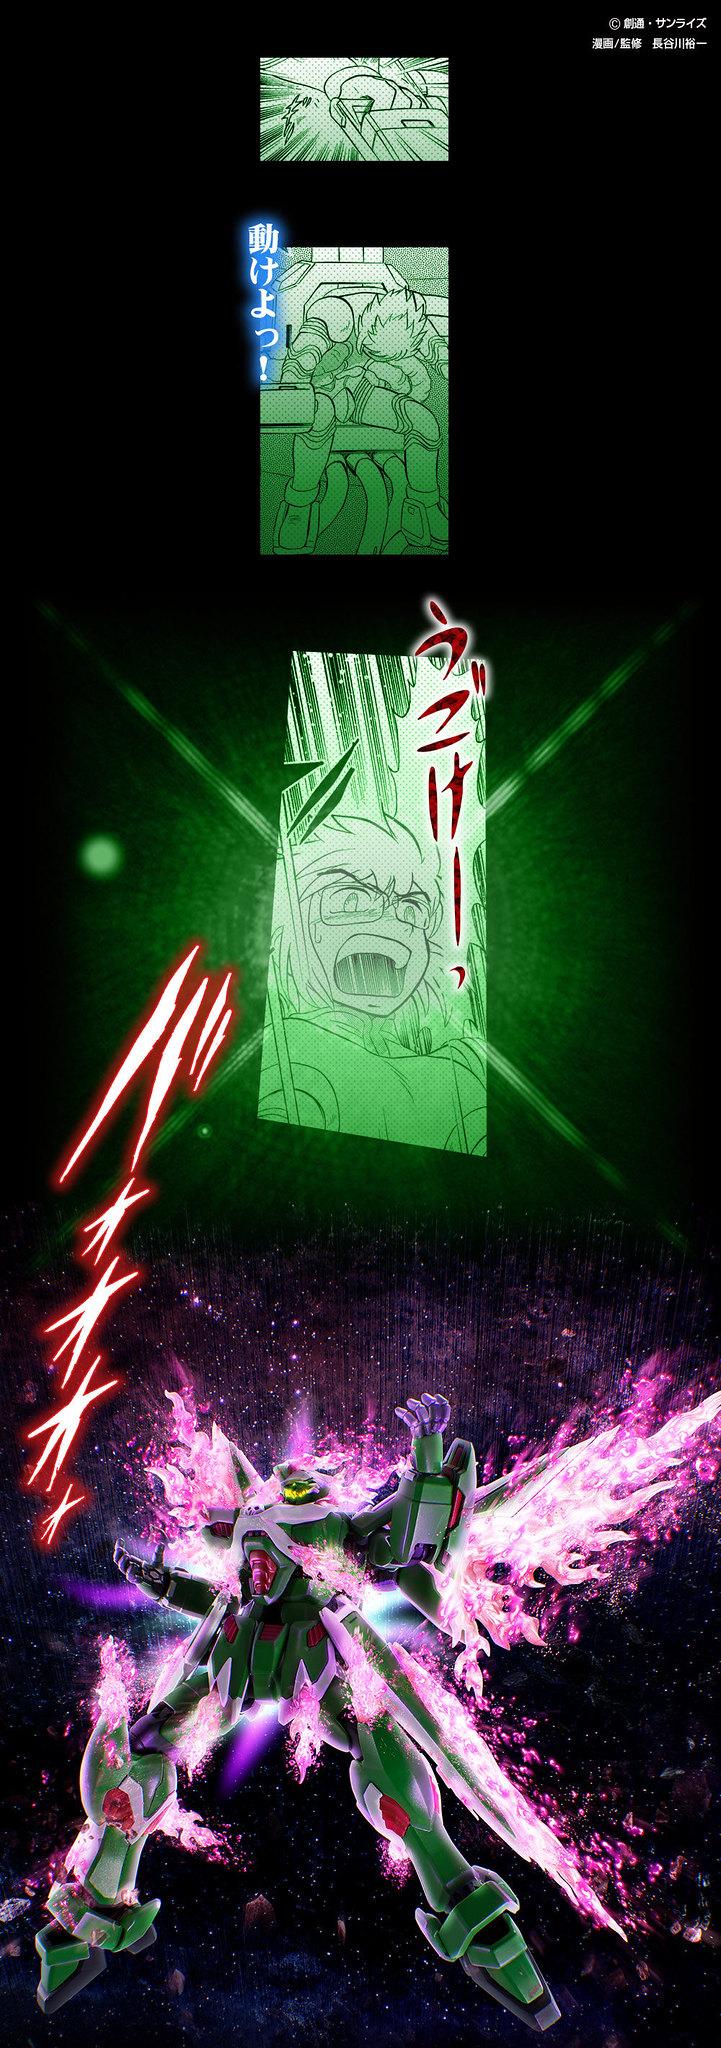 ROBOT魂《機動戰士海盜鋼彈》新作「幽靈鋼彈」預覽公開  2021 年 04 月發售